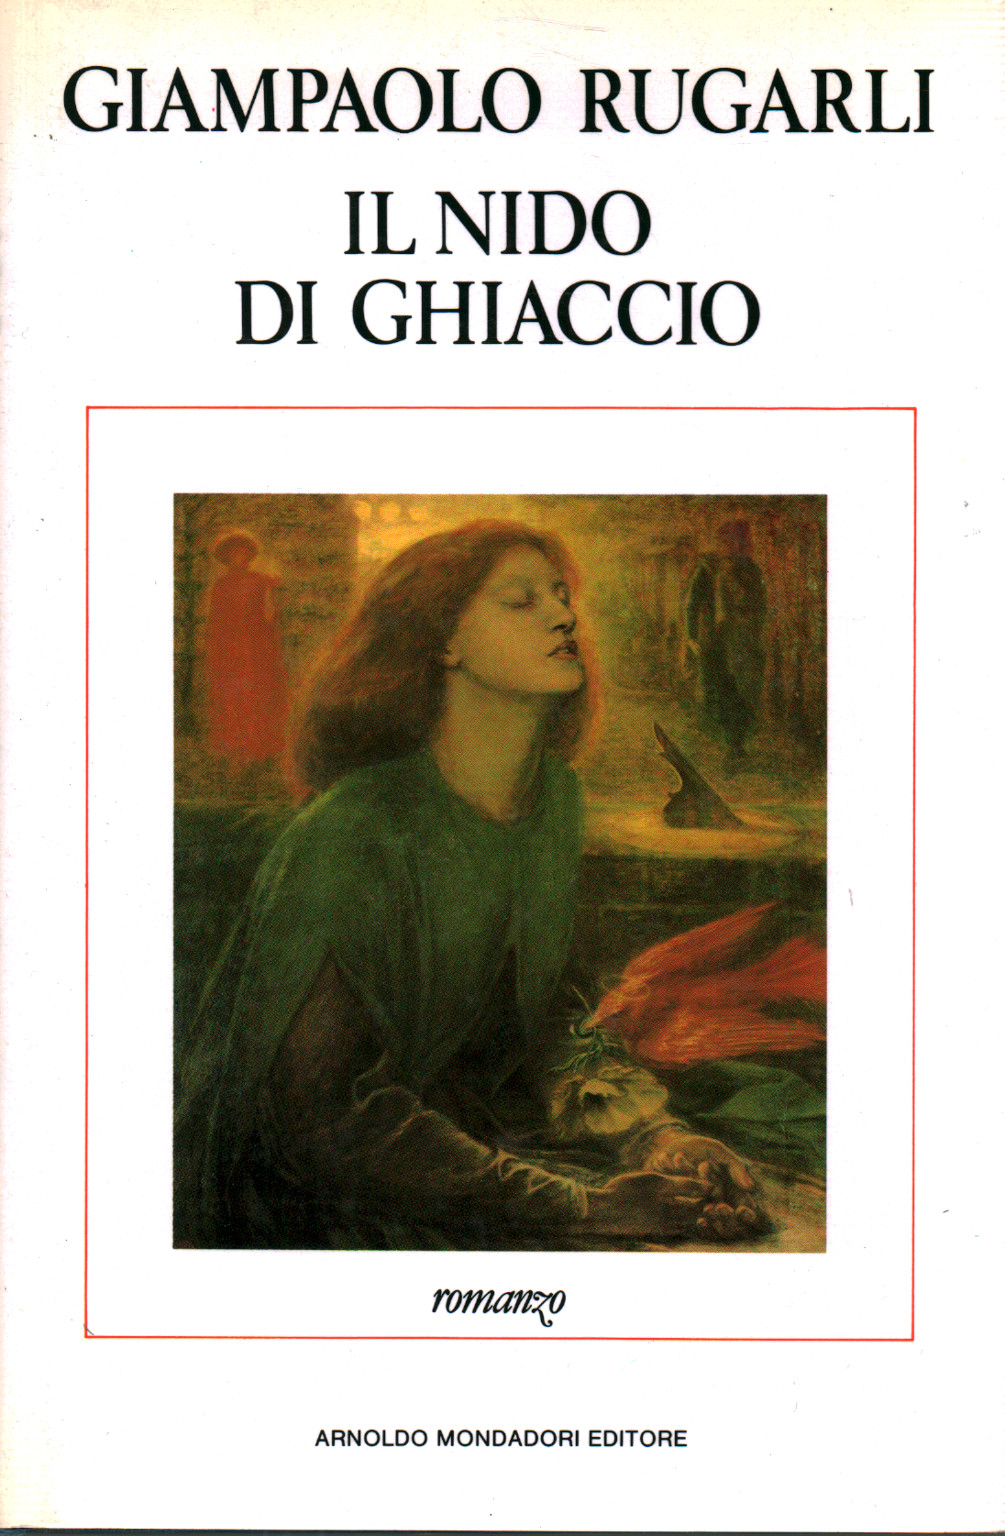 STORIA DELLA LETTERATURA ITALIANA. Volume III - Parte II. IL NOVECENTO di LUCIANO NICASTRO